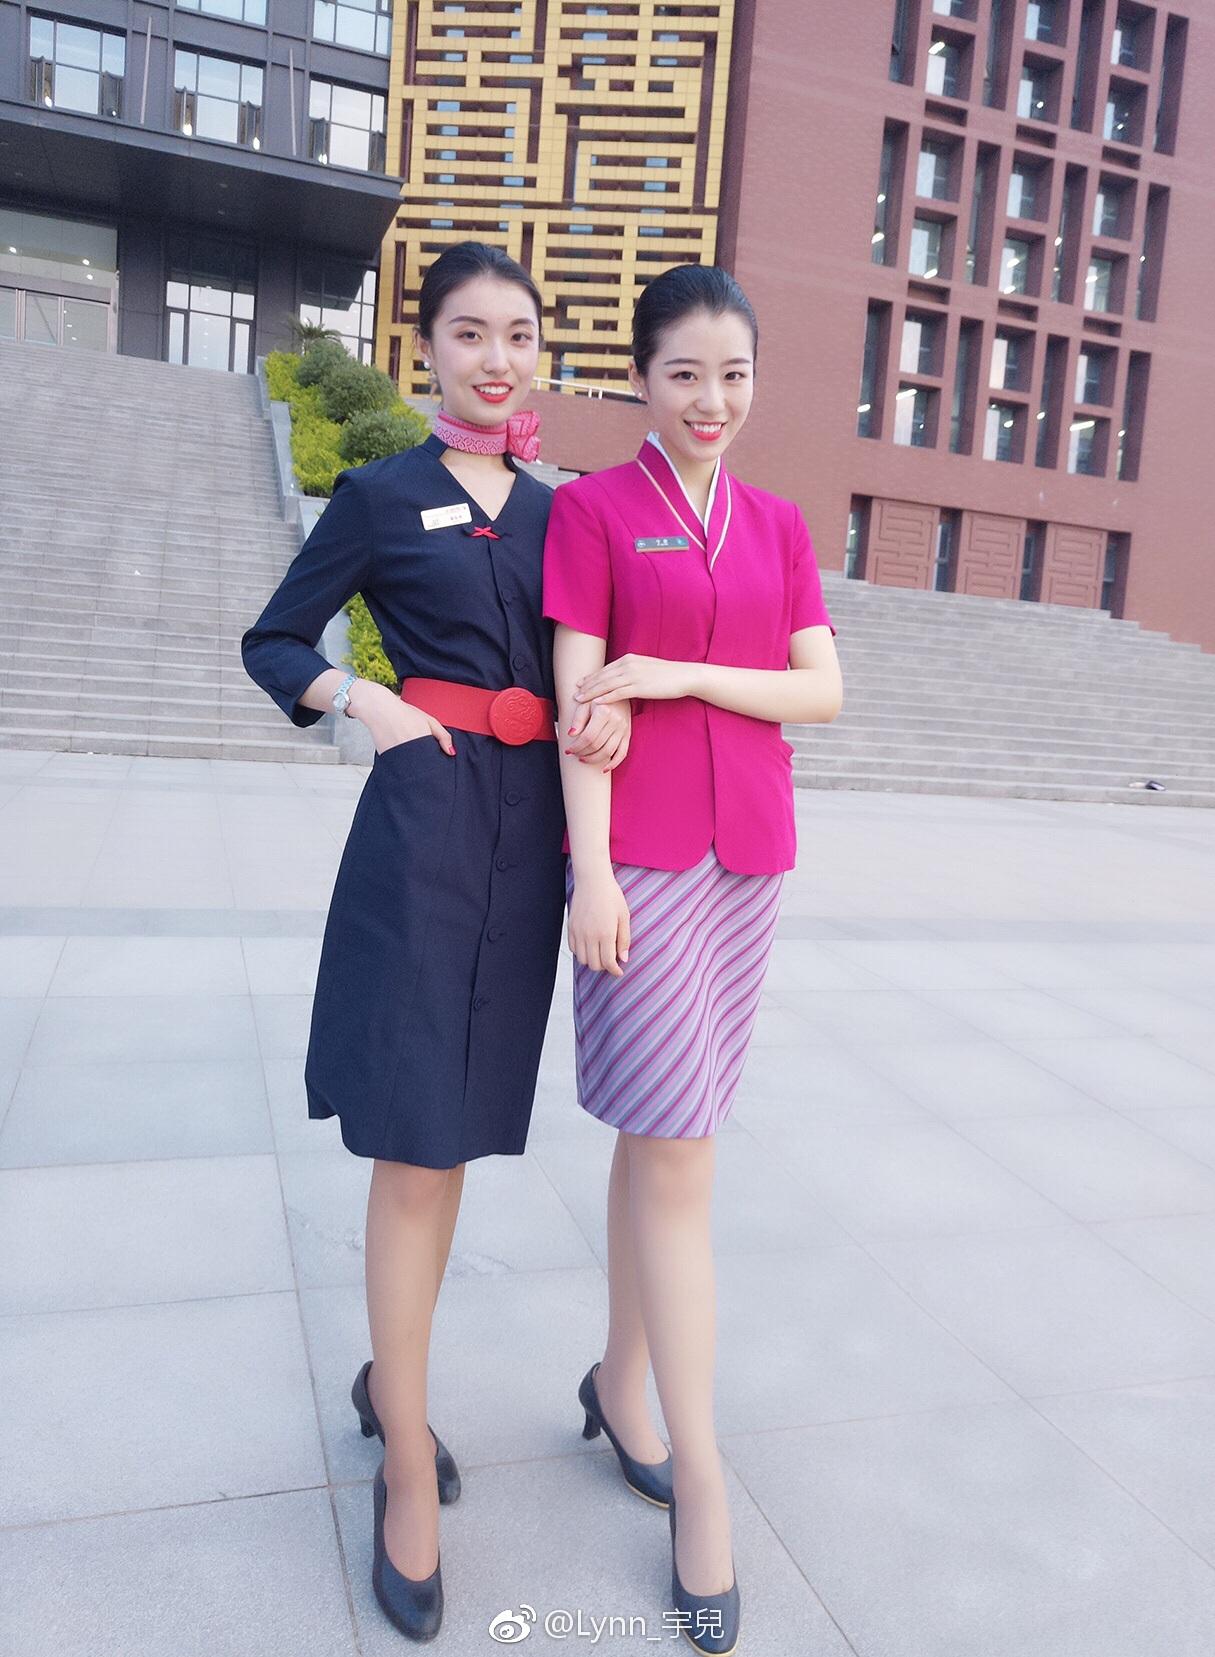 人家的专业 郑州准空姐拍毕业照 满屏都是大长腿图片